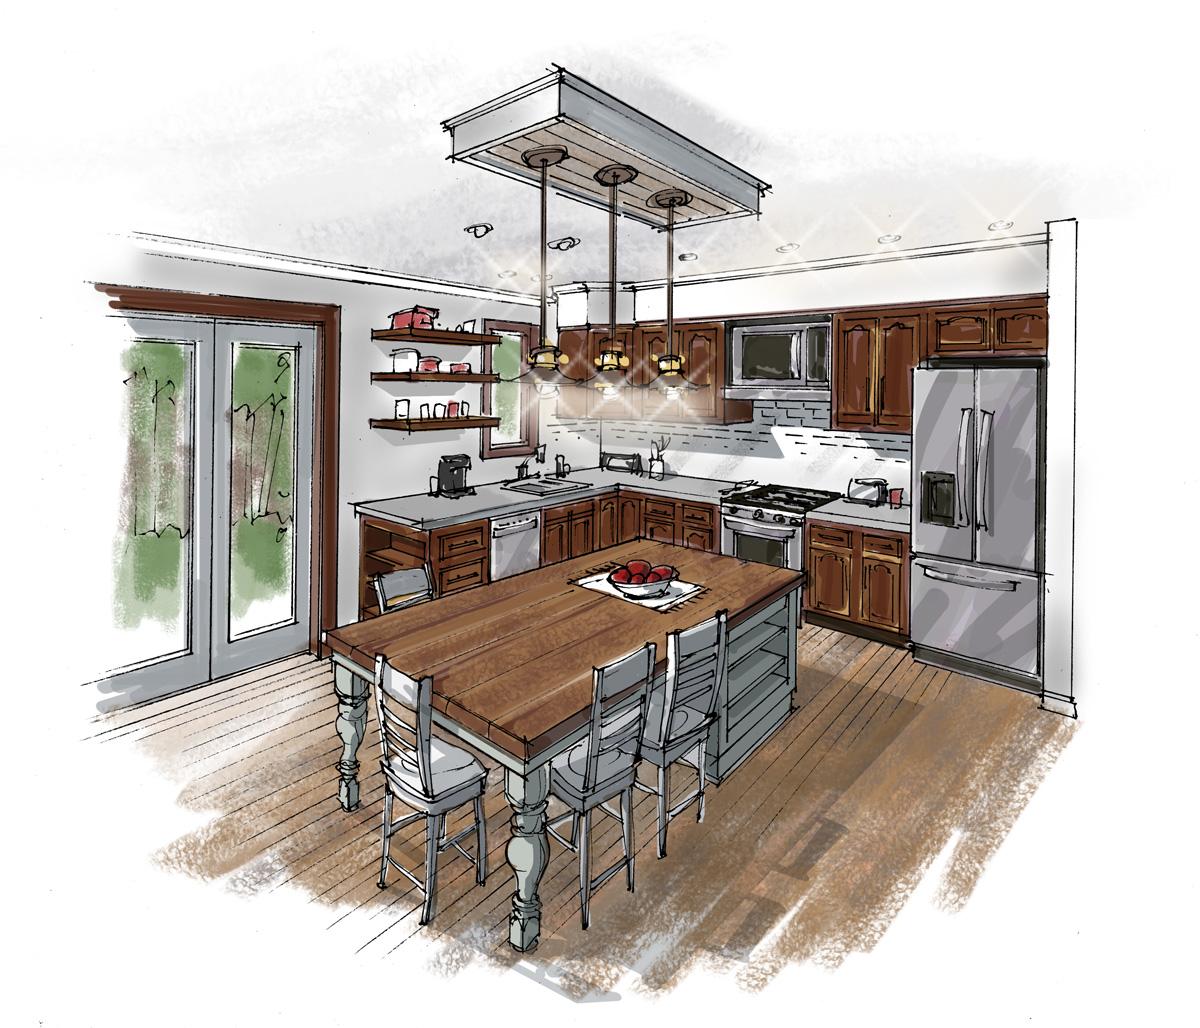 Kitchen Sketch Holladay Graphics